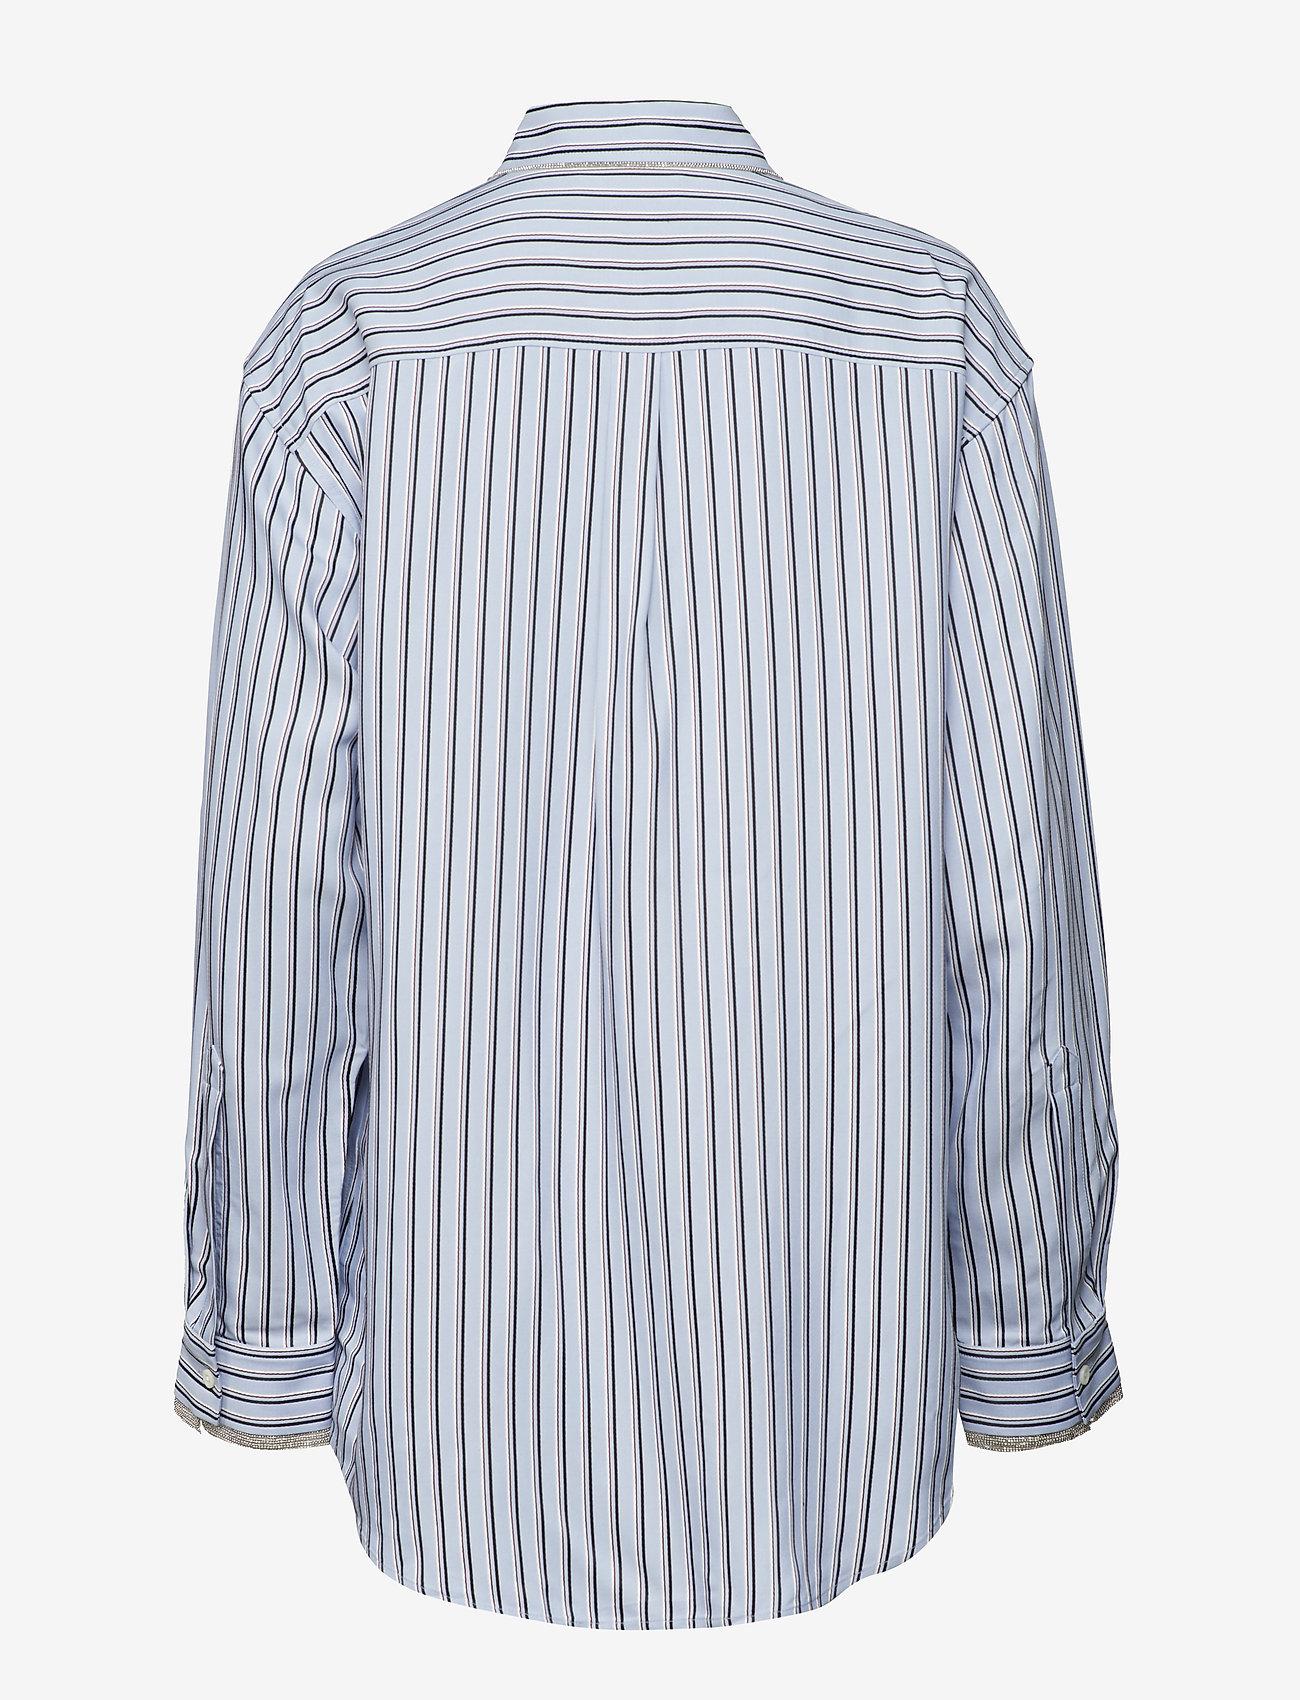 Hilfiger Collection - ICONIC TOMMY STRIPE SHIRT LS - langærmede skjorter - forever blue / multi - 1